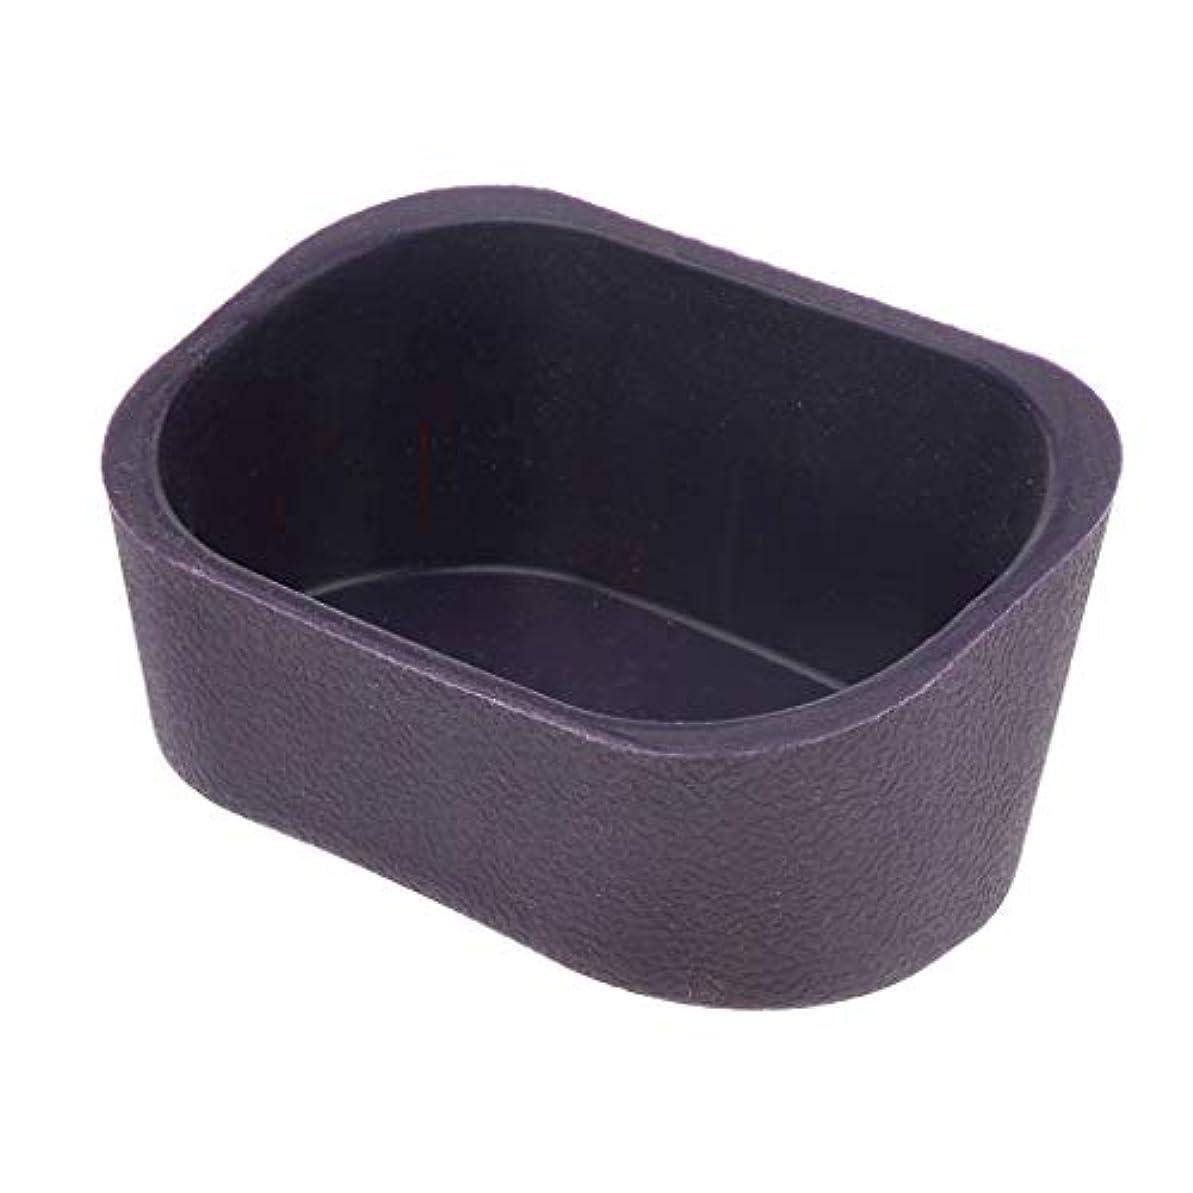 コインメーターコインdailymall シャンプーボウルネックレスクッションピローサロンヘアアクセサリー - 紫